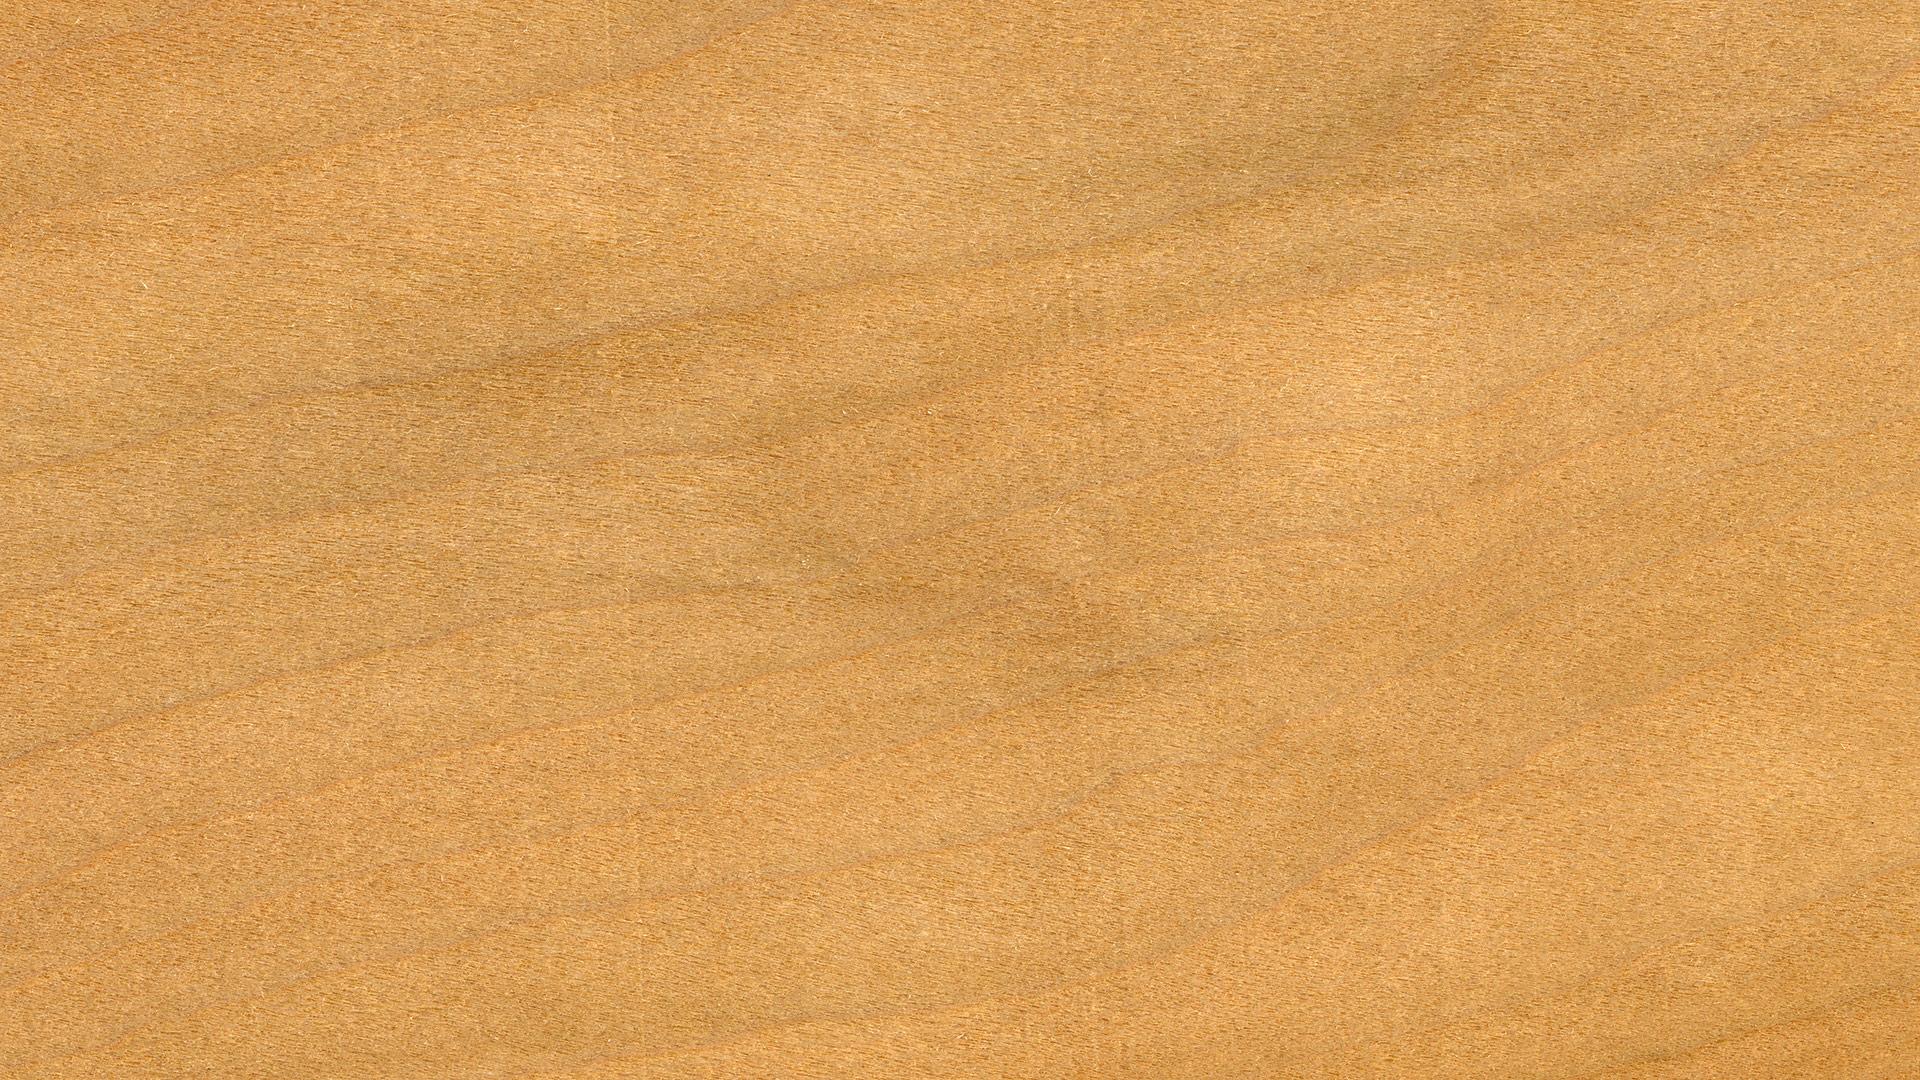 Aspen grain 1920x1080